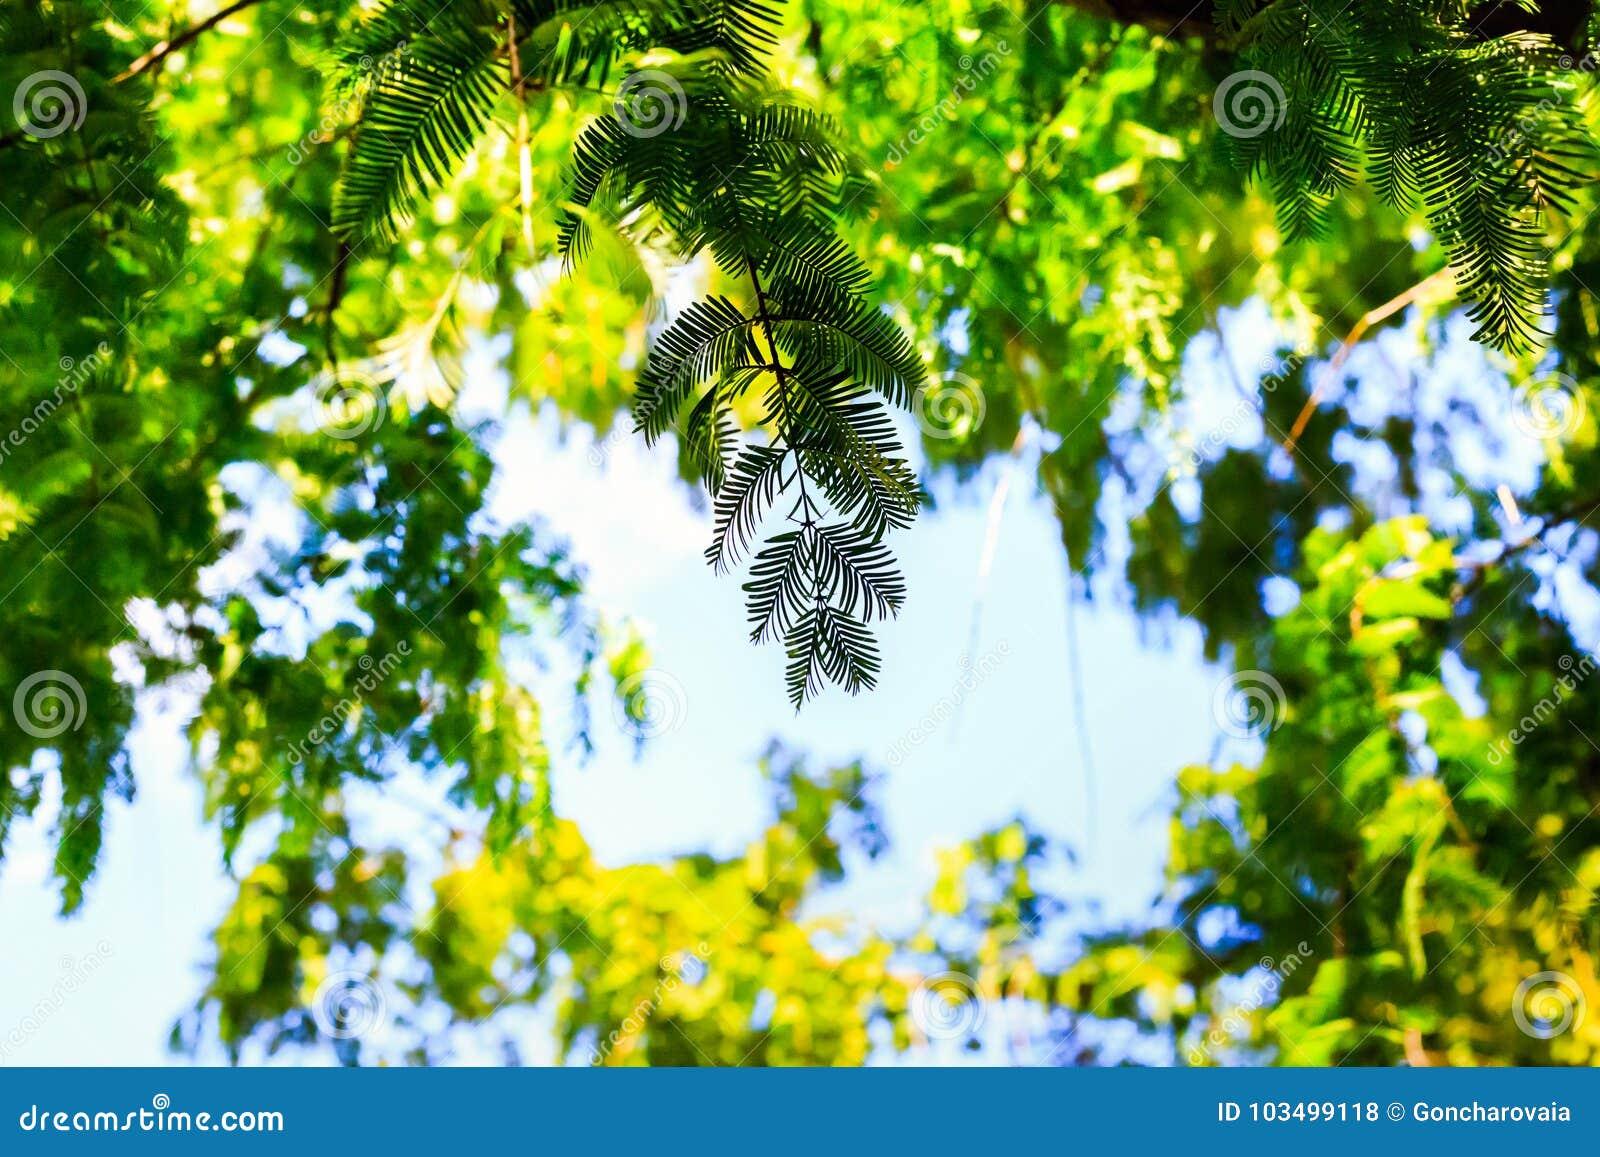 在热带现出轮廓蓝天的热带植物,蕨绿色叶子  自然本底森林概念夏天和假日